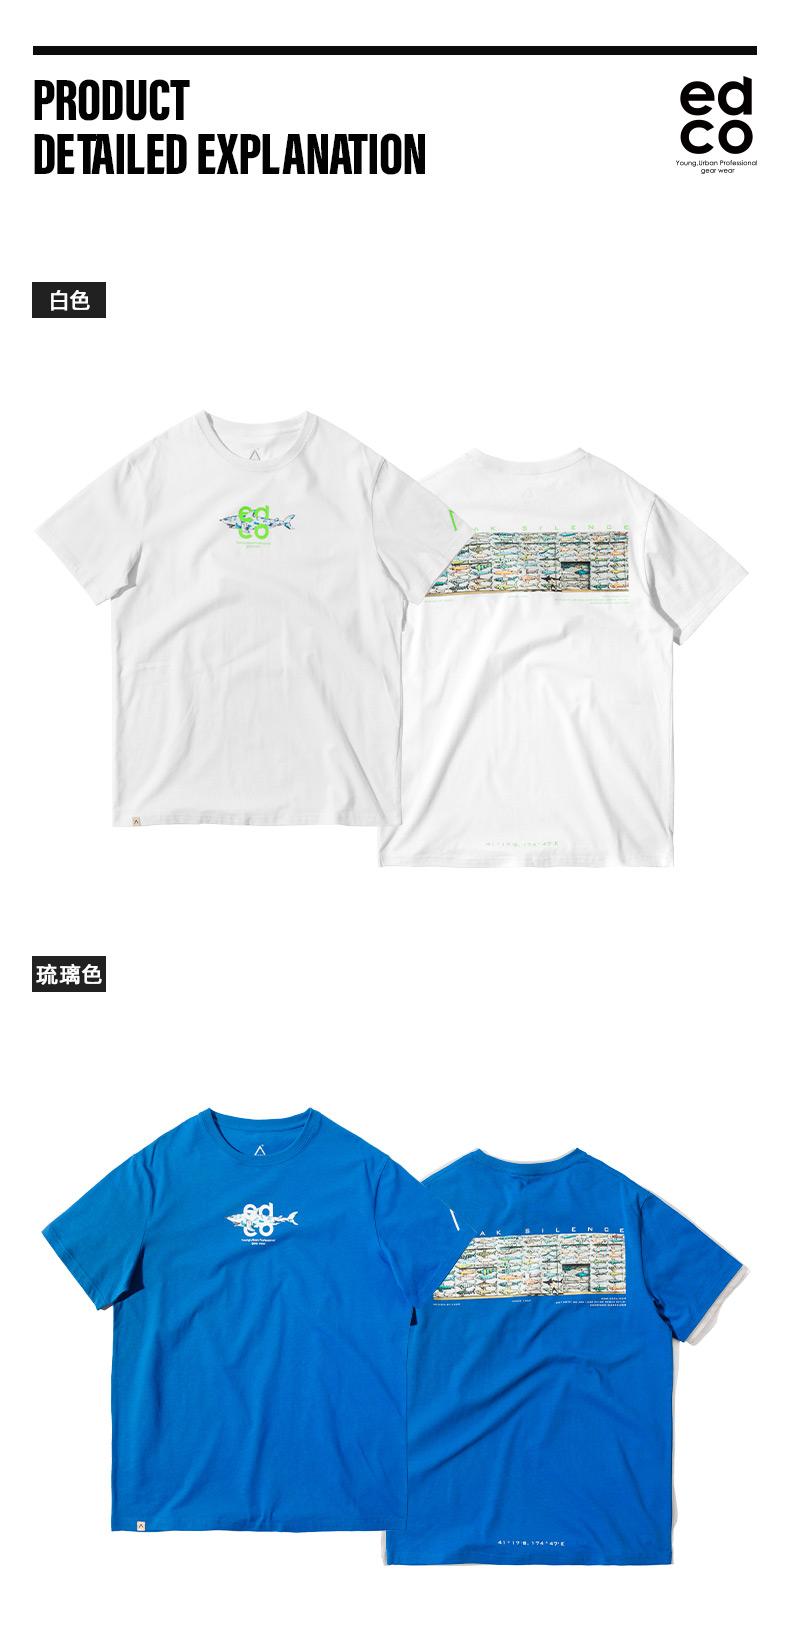 机能户外潮牌 艾德克EDCO 新西兰街头涂鸦印花 男纯棉T恤 图6